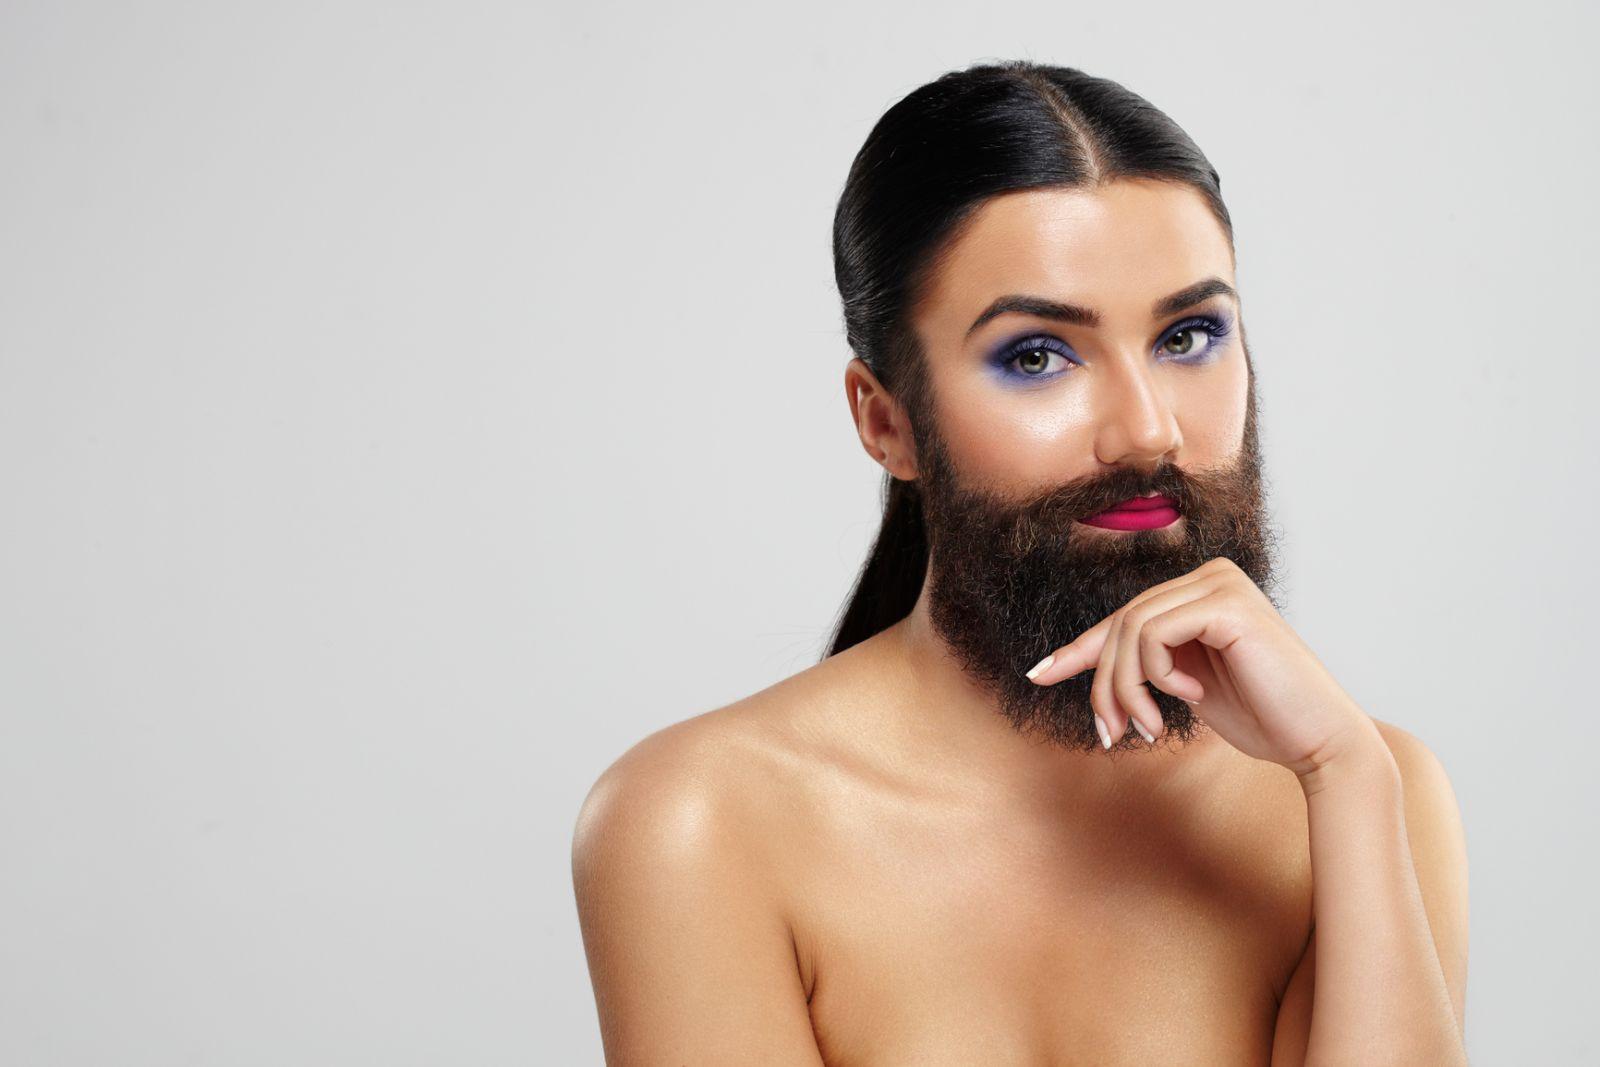 Как удалить волосы на лице в домашних условиях - фото №2